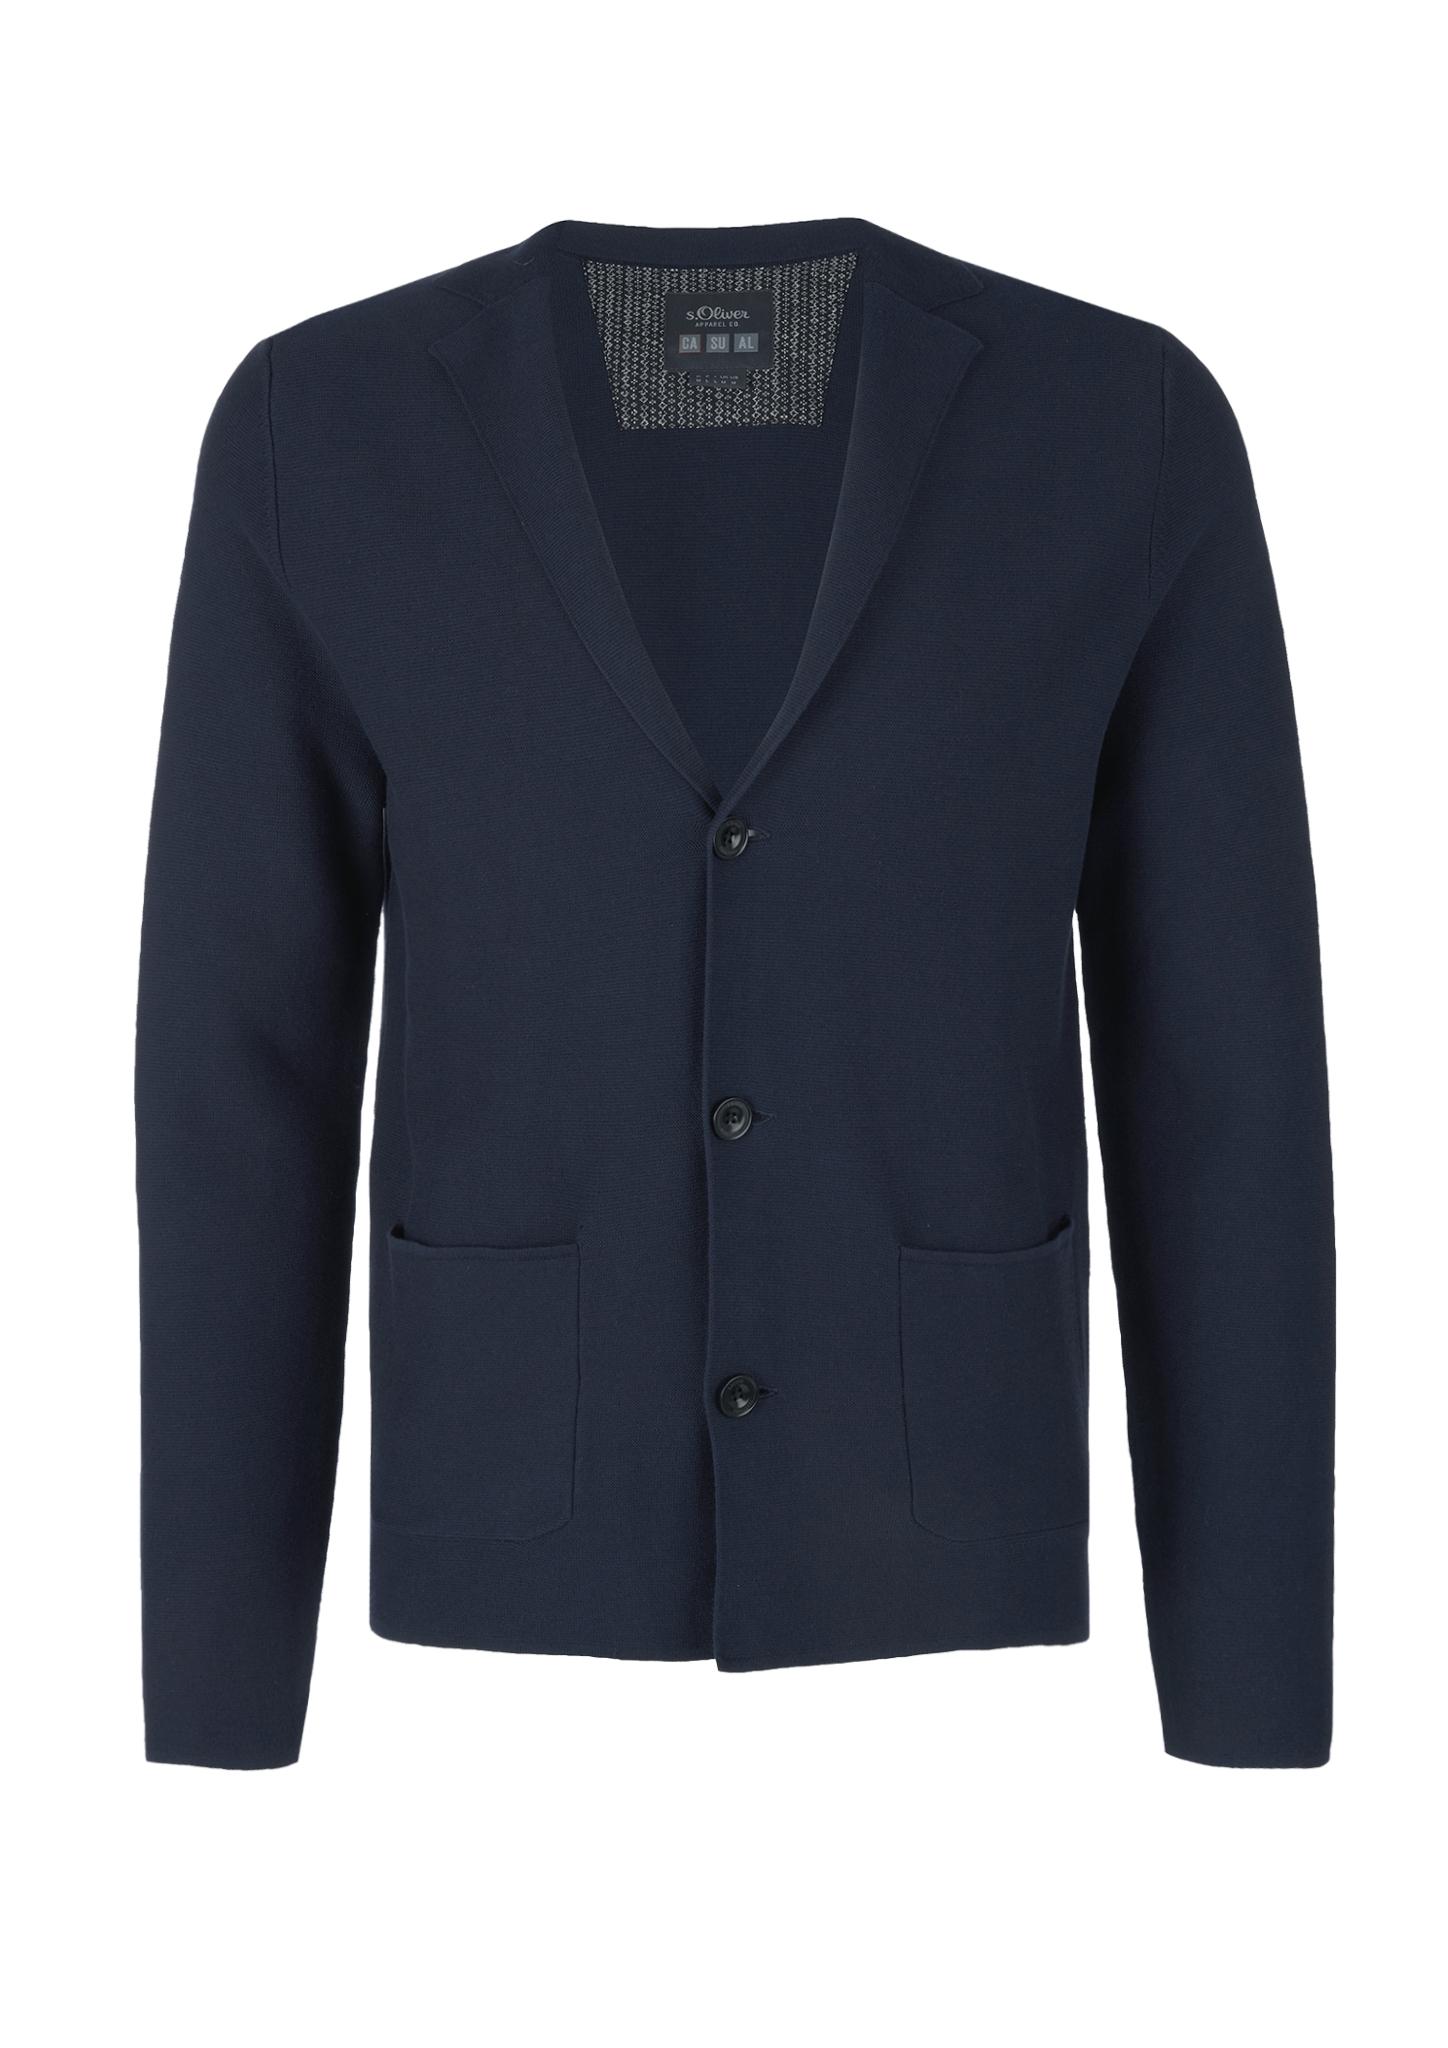 Strickjacke   Bekleidung > Strickjacken & Cardigans > Strickjacken   Blau   100% baumwolle   s.Oliver